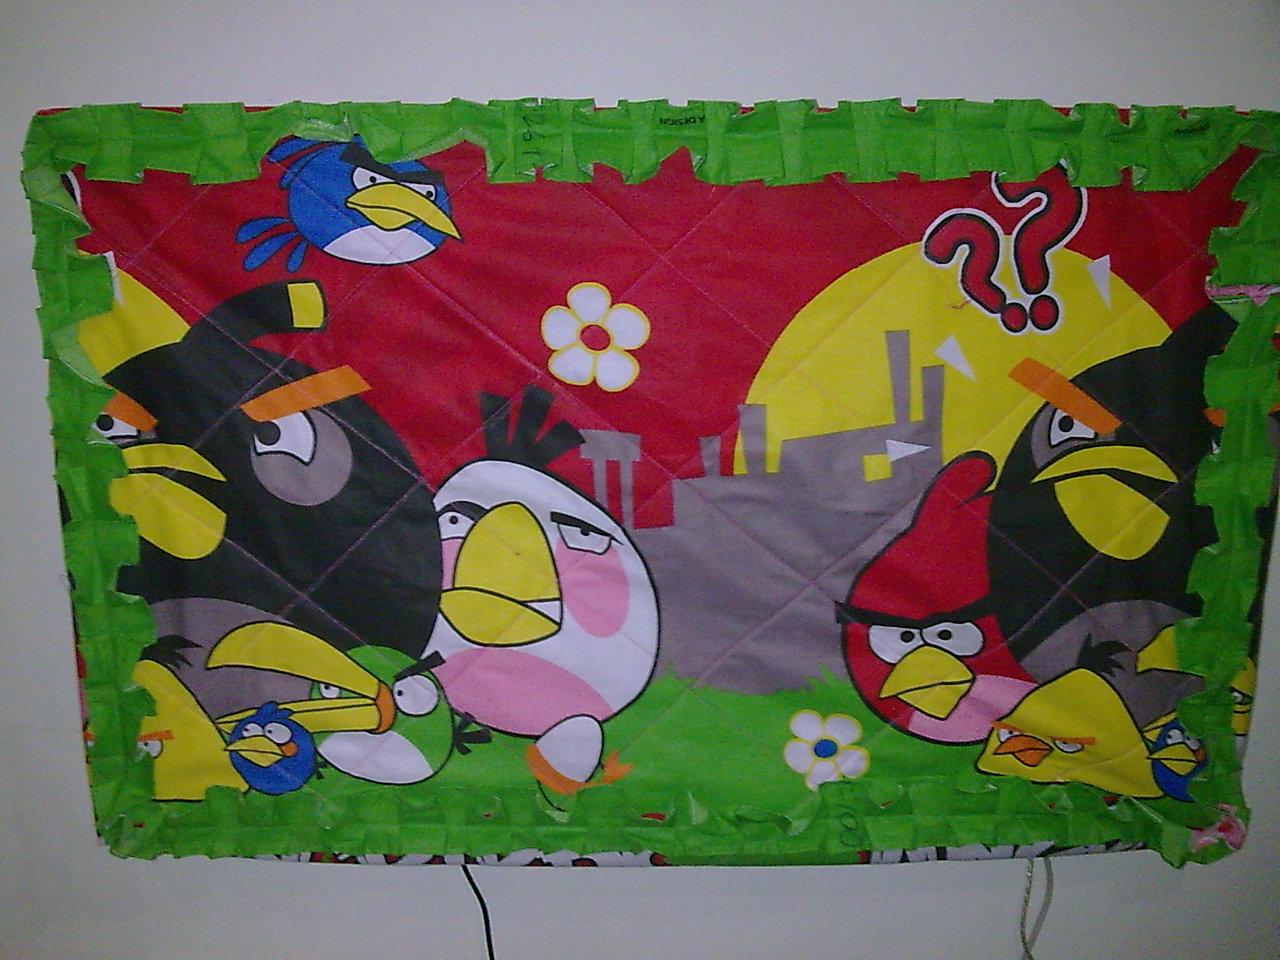 http://3.bp.blogspot.com/-IxiRGFZaxsI/UKhRdKmz0TI/AAAAAAAACO4/_aoq01ytkjc/s1600/ab+istana+merah+32.jpg